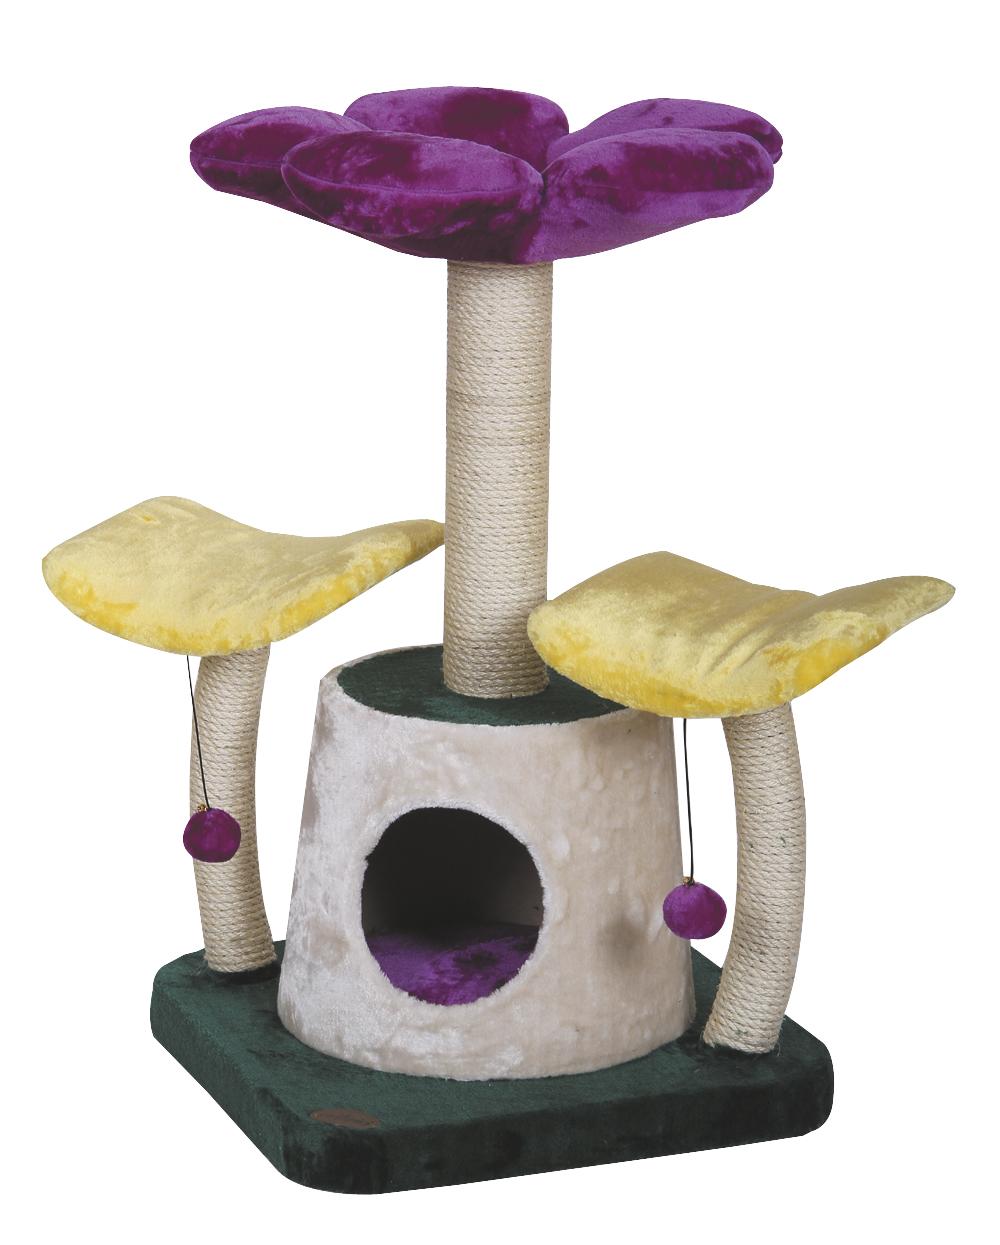 croci Когтеточка-дом Цветы, 50*47*10 см C6020326